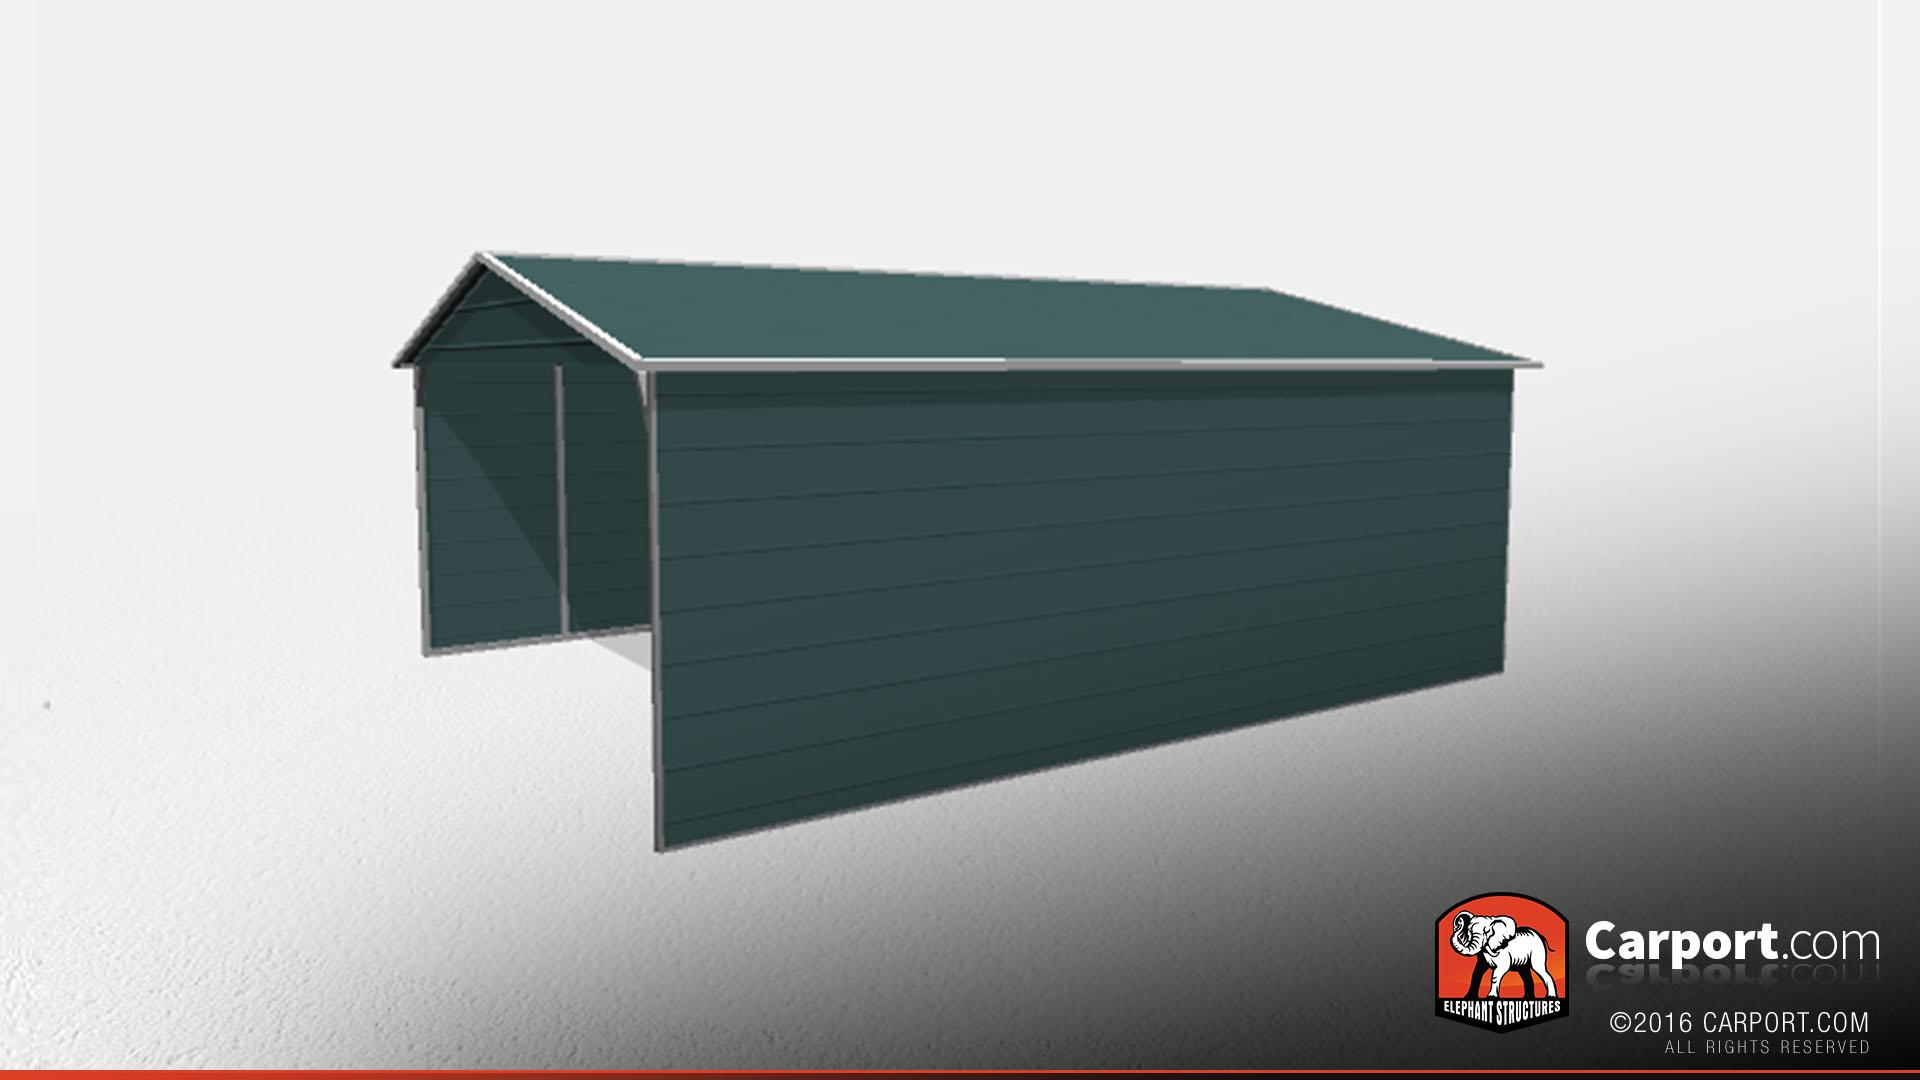 20x26 Commercial Grade Metal Carport